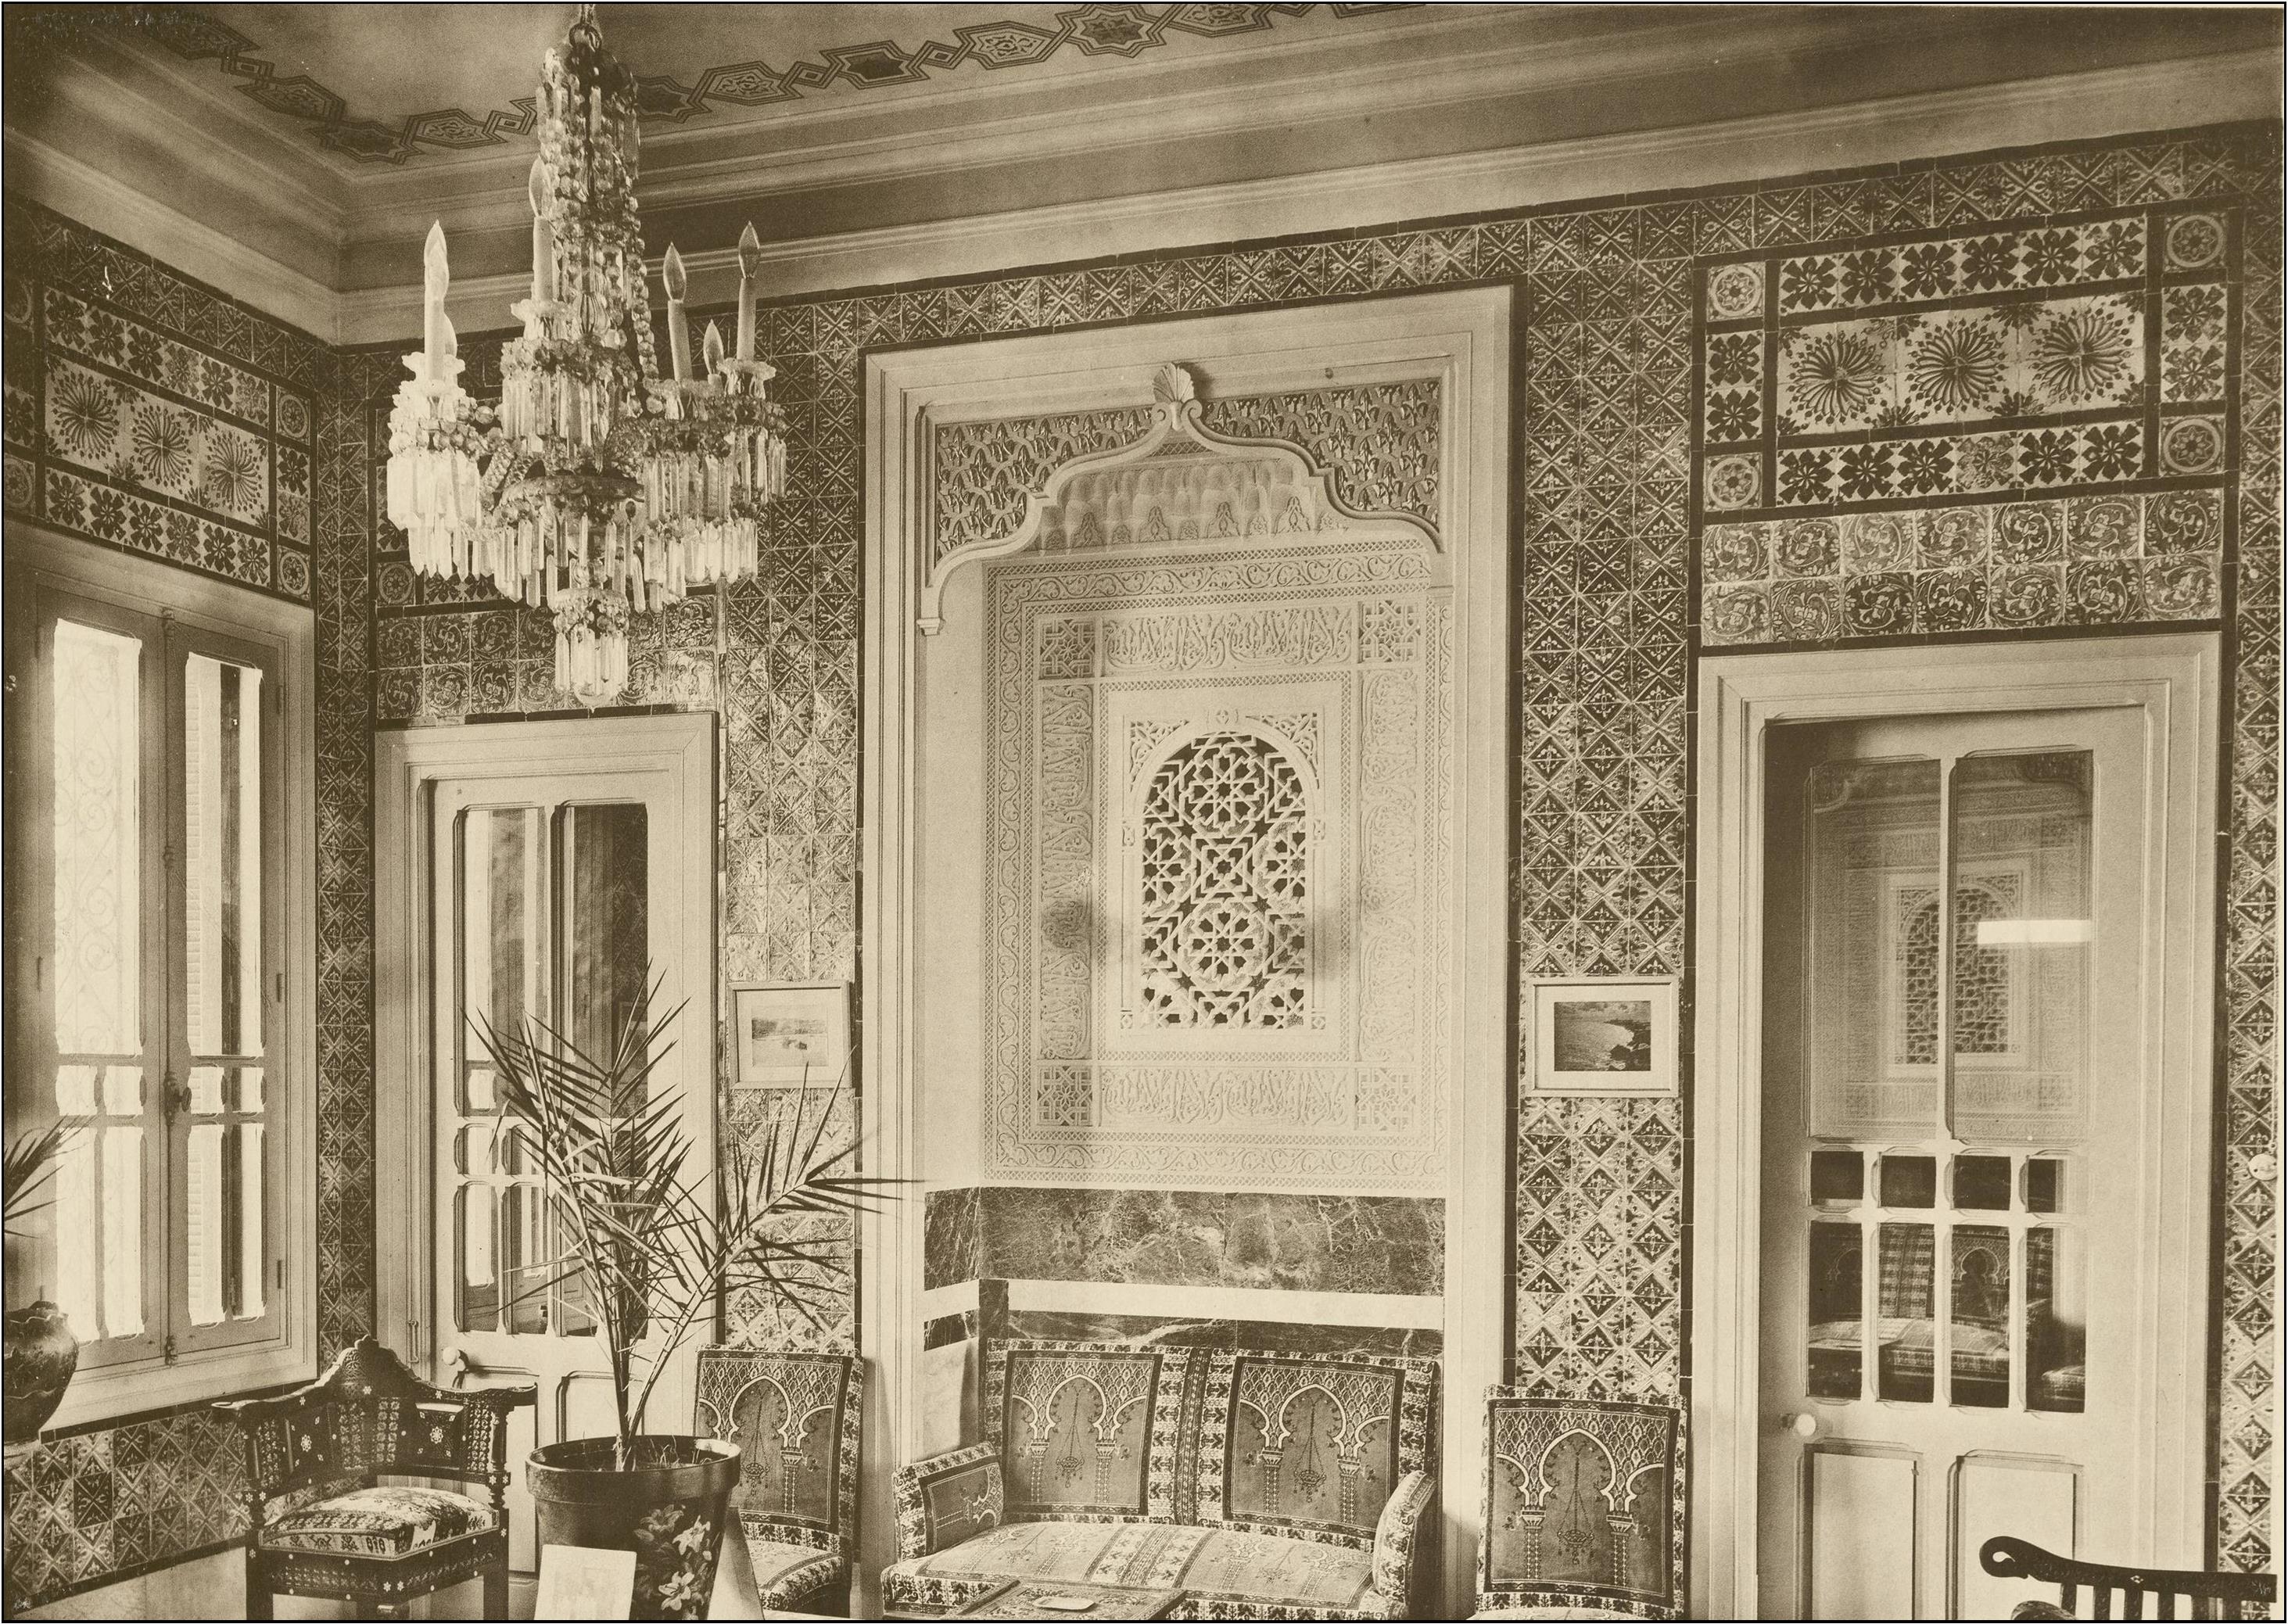 Fabrication D Escalier En Tunisie l'orientalisme architectural en tunisie : œuvre et carrière